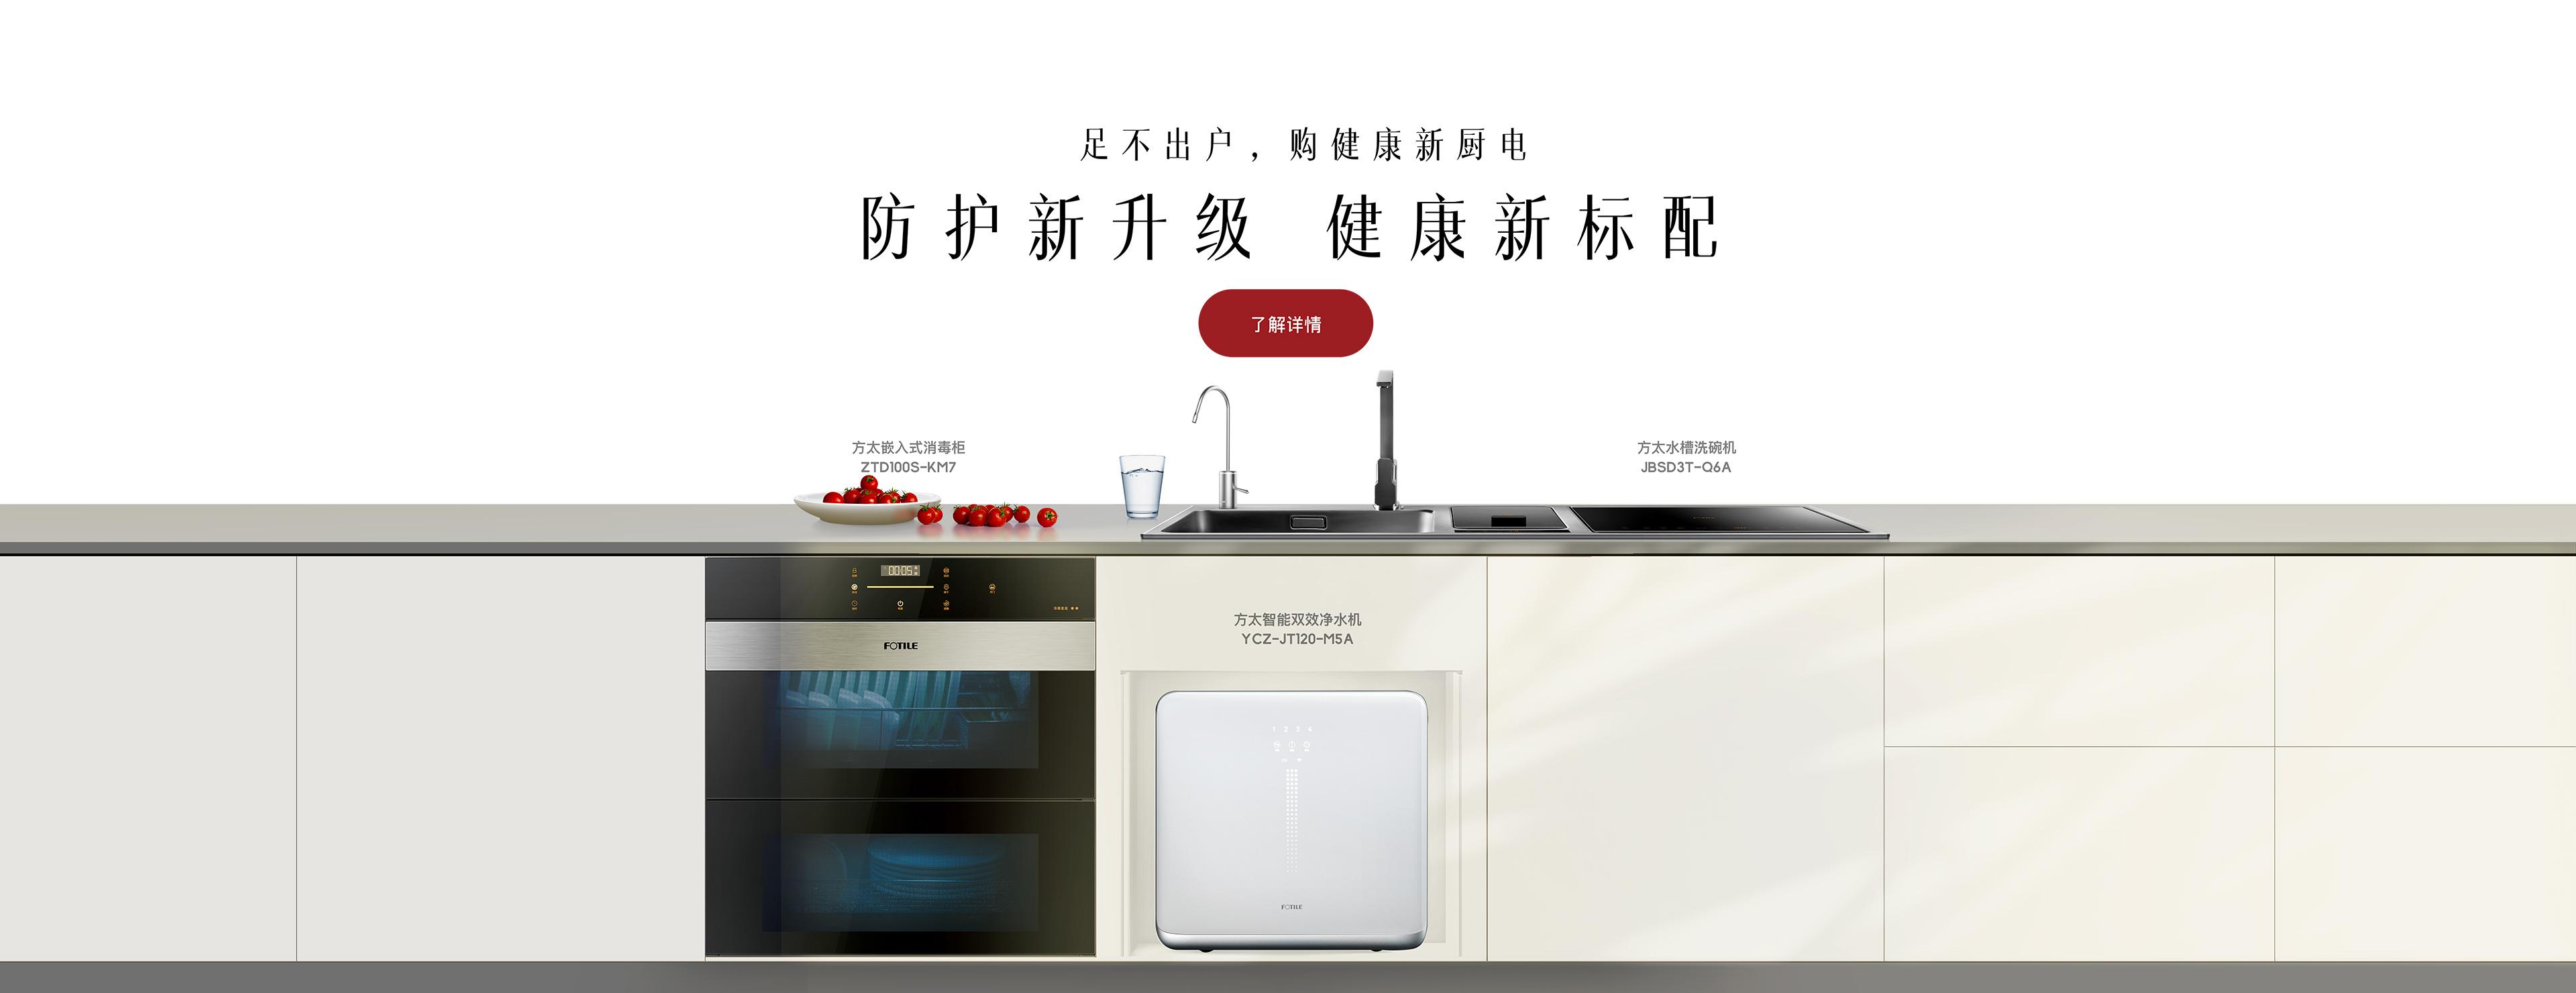 防护新升级,健康新标配,足不出户购健康新厨电- FOTILE方太厨房电器官方网站